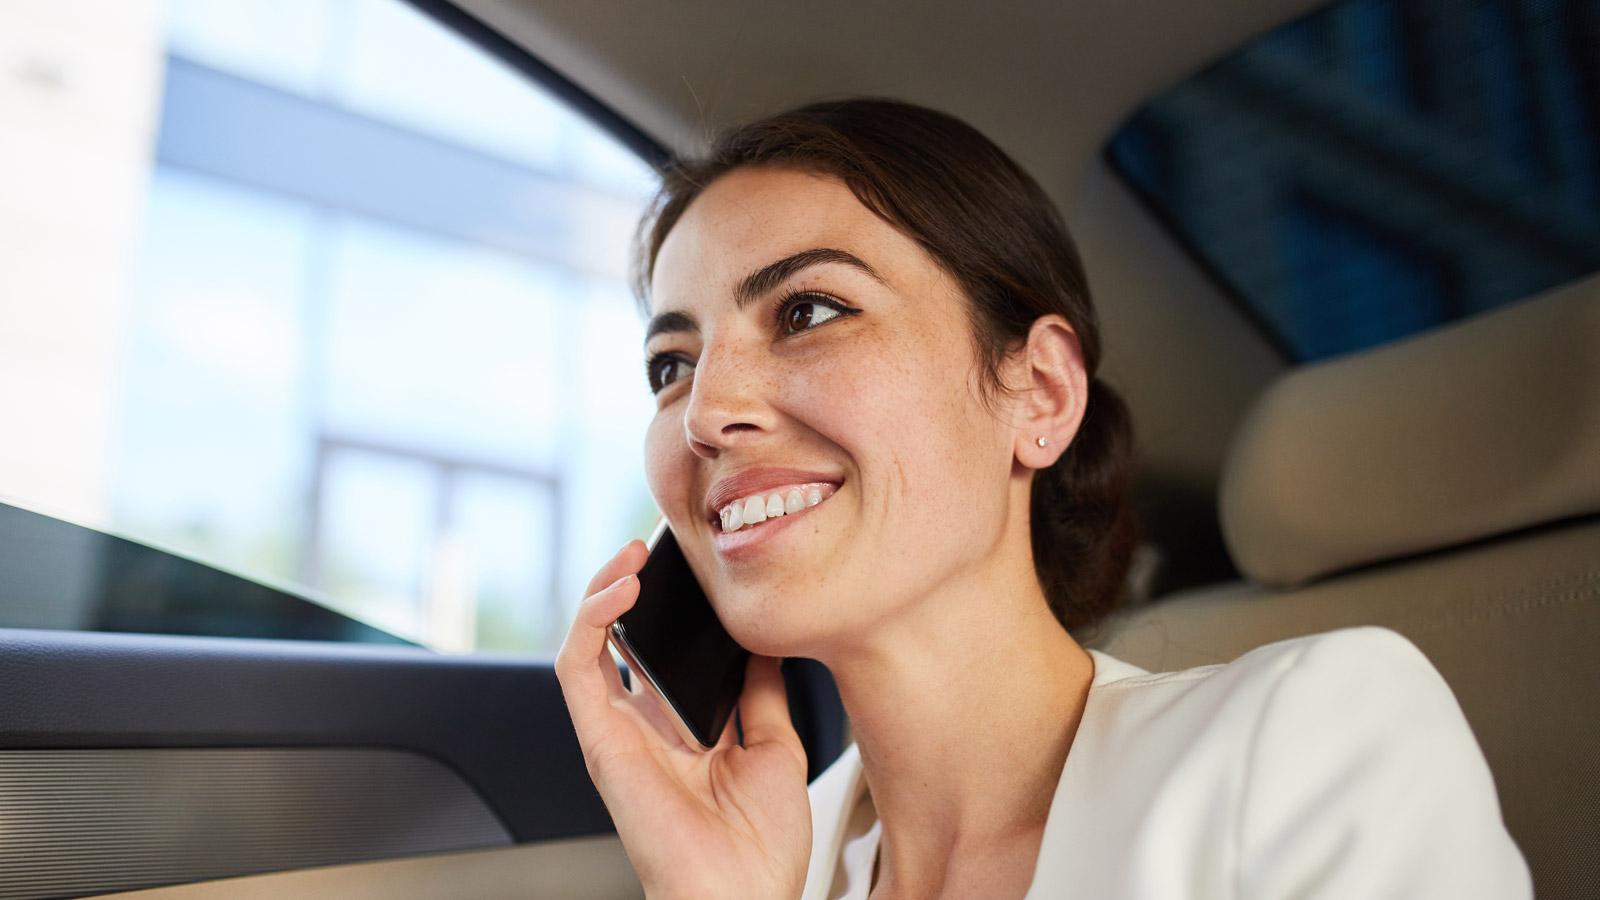 UBER - rewolucja w aplikacji aplikacja mediarun kobieta telefon uber 2019